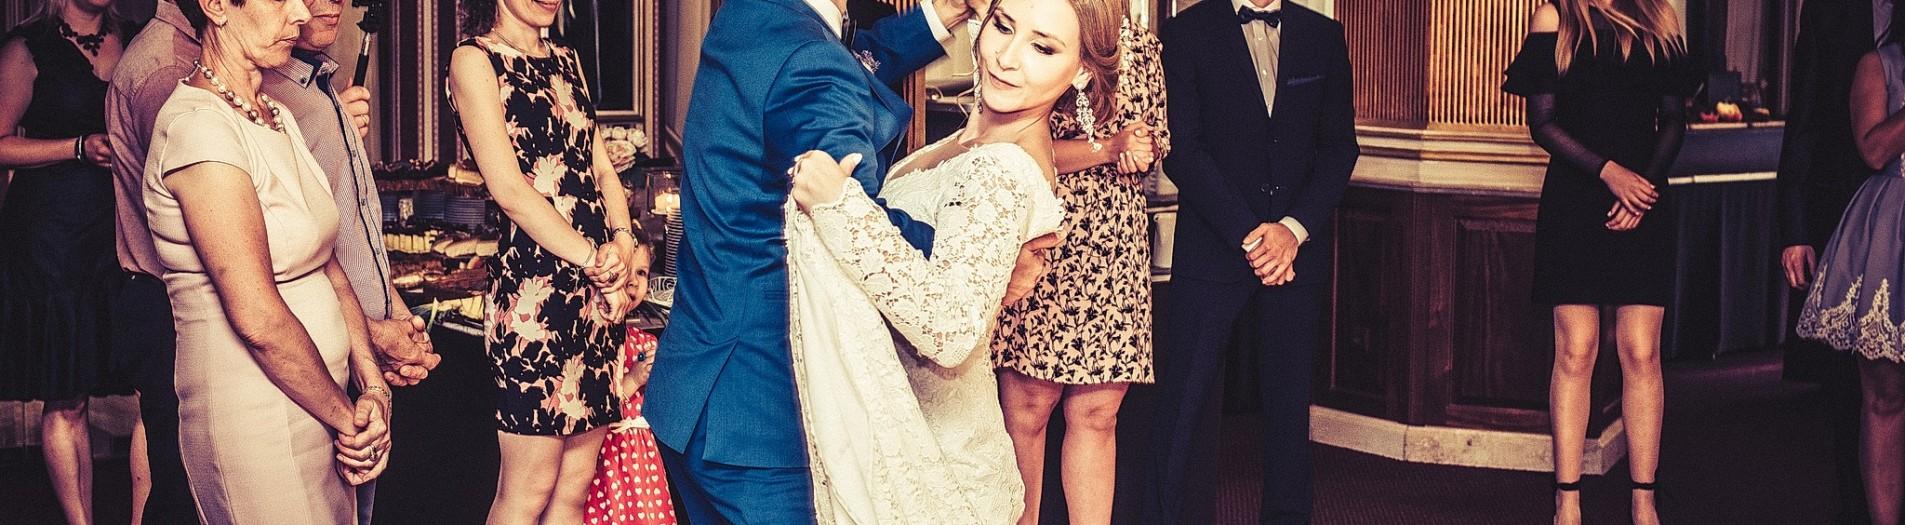 Garść zdjęć ze ślubu Igi i Sławka